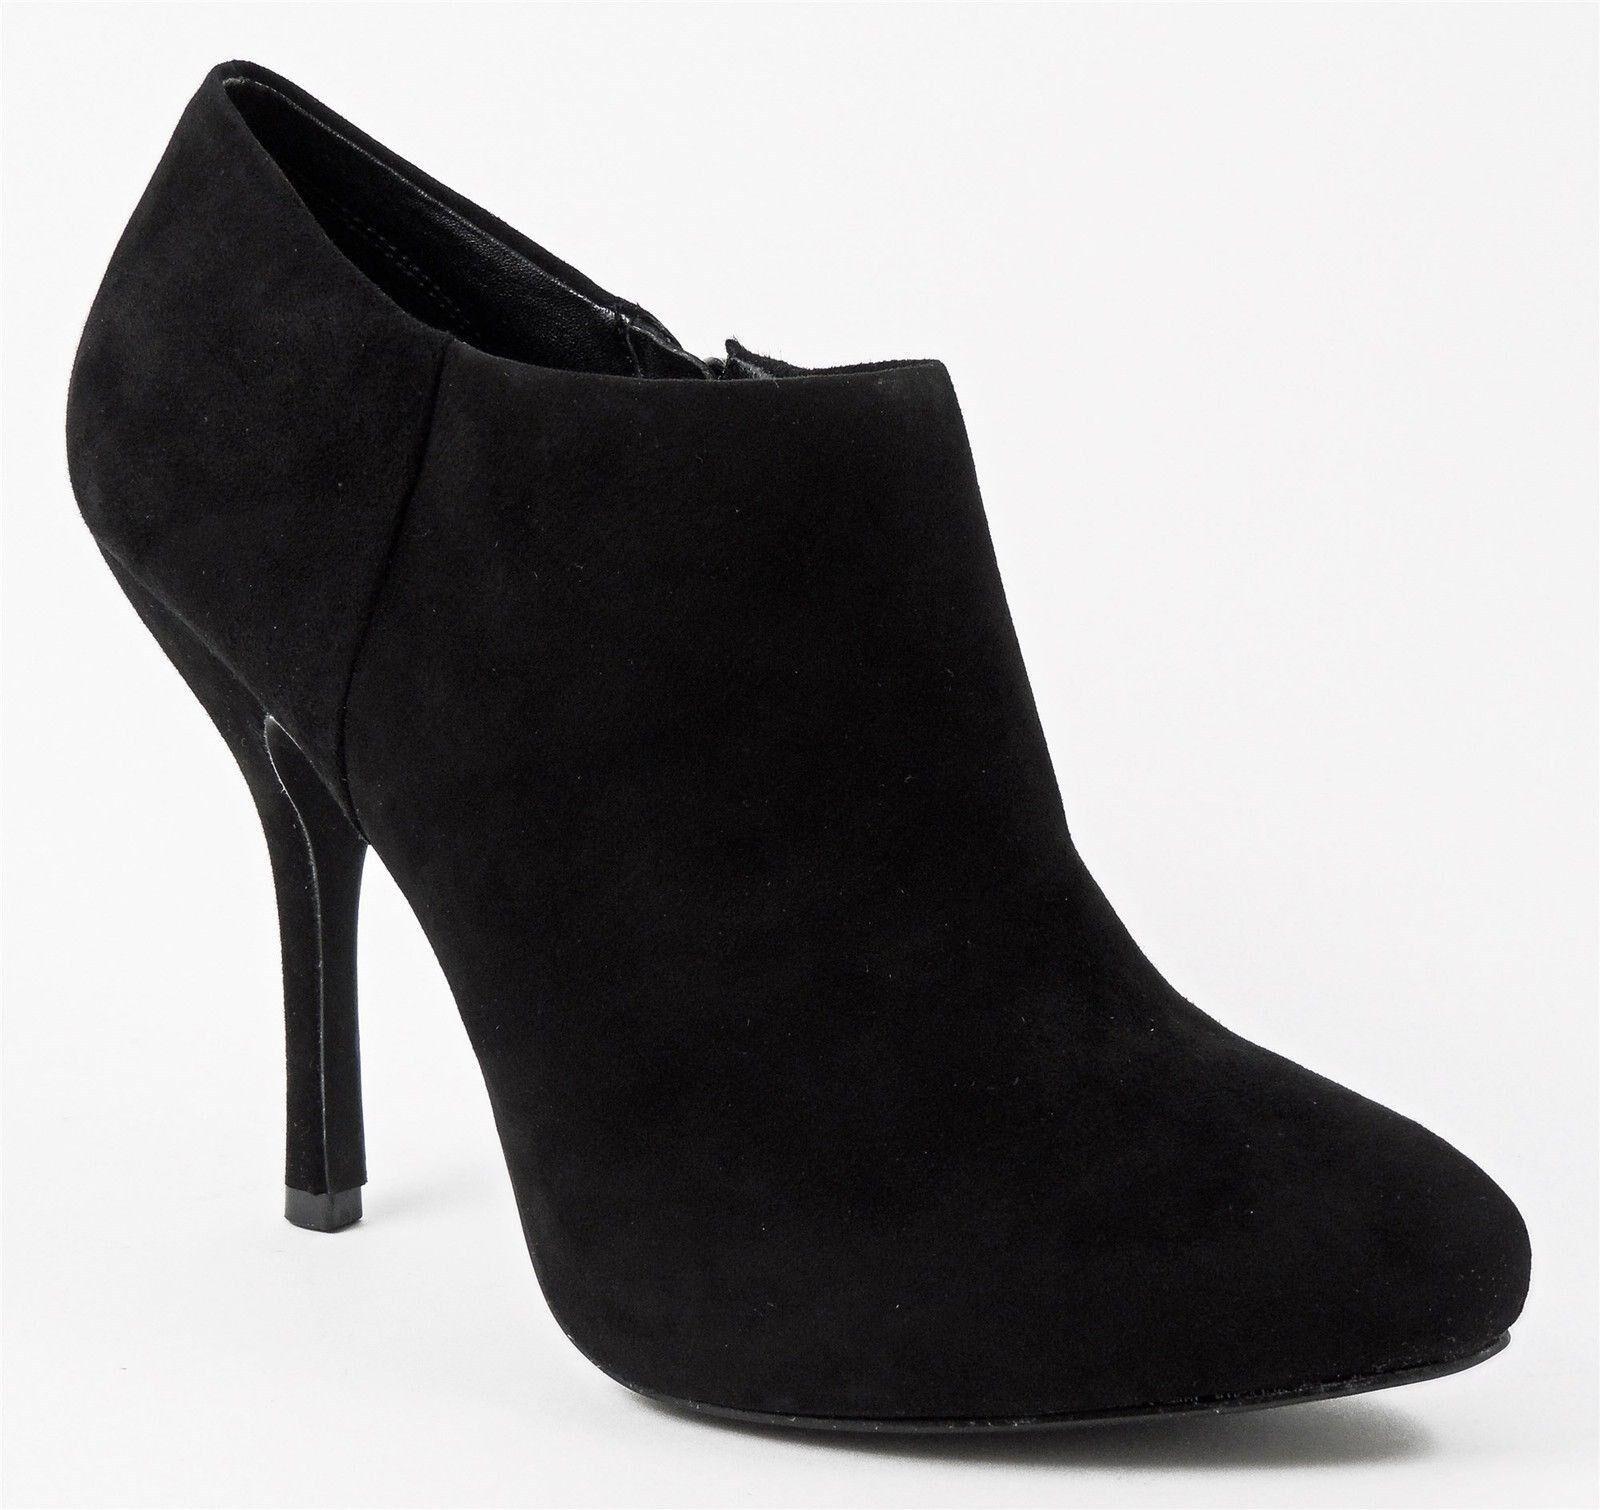 Inc International Concepts estás al al al tobillo Botines para mujer Negro Gamuza Talla 10 M  vendiendo bien en todo el mundo